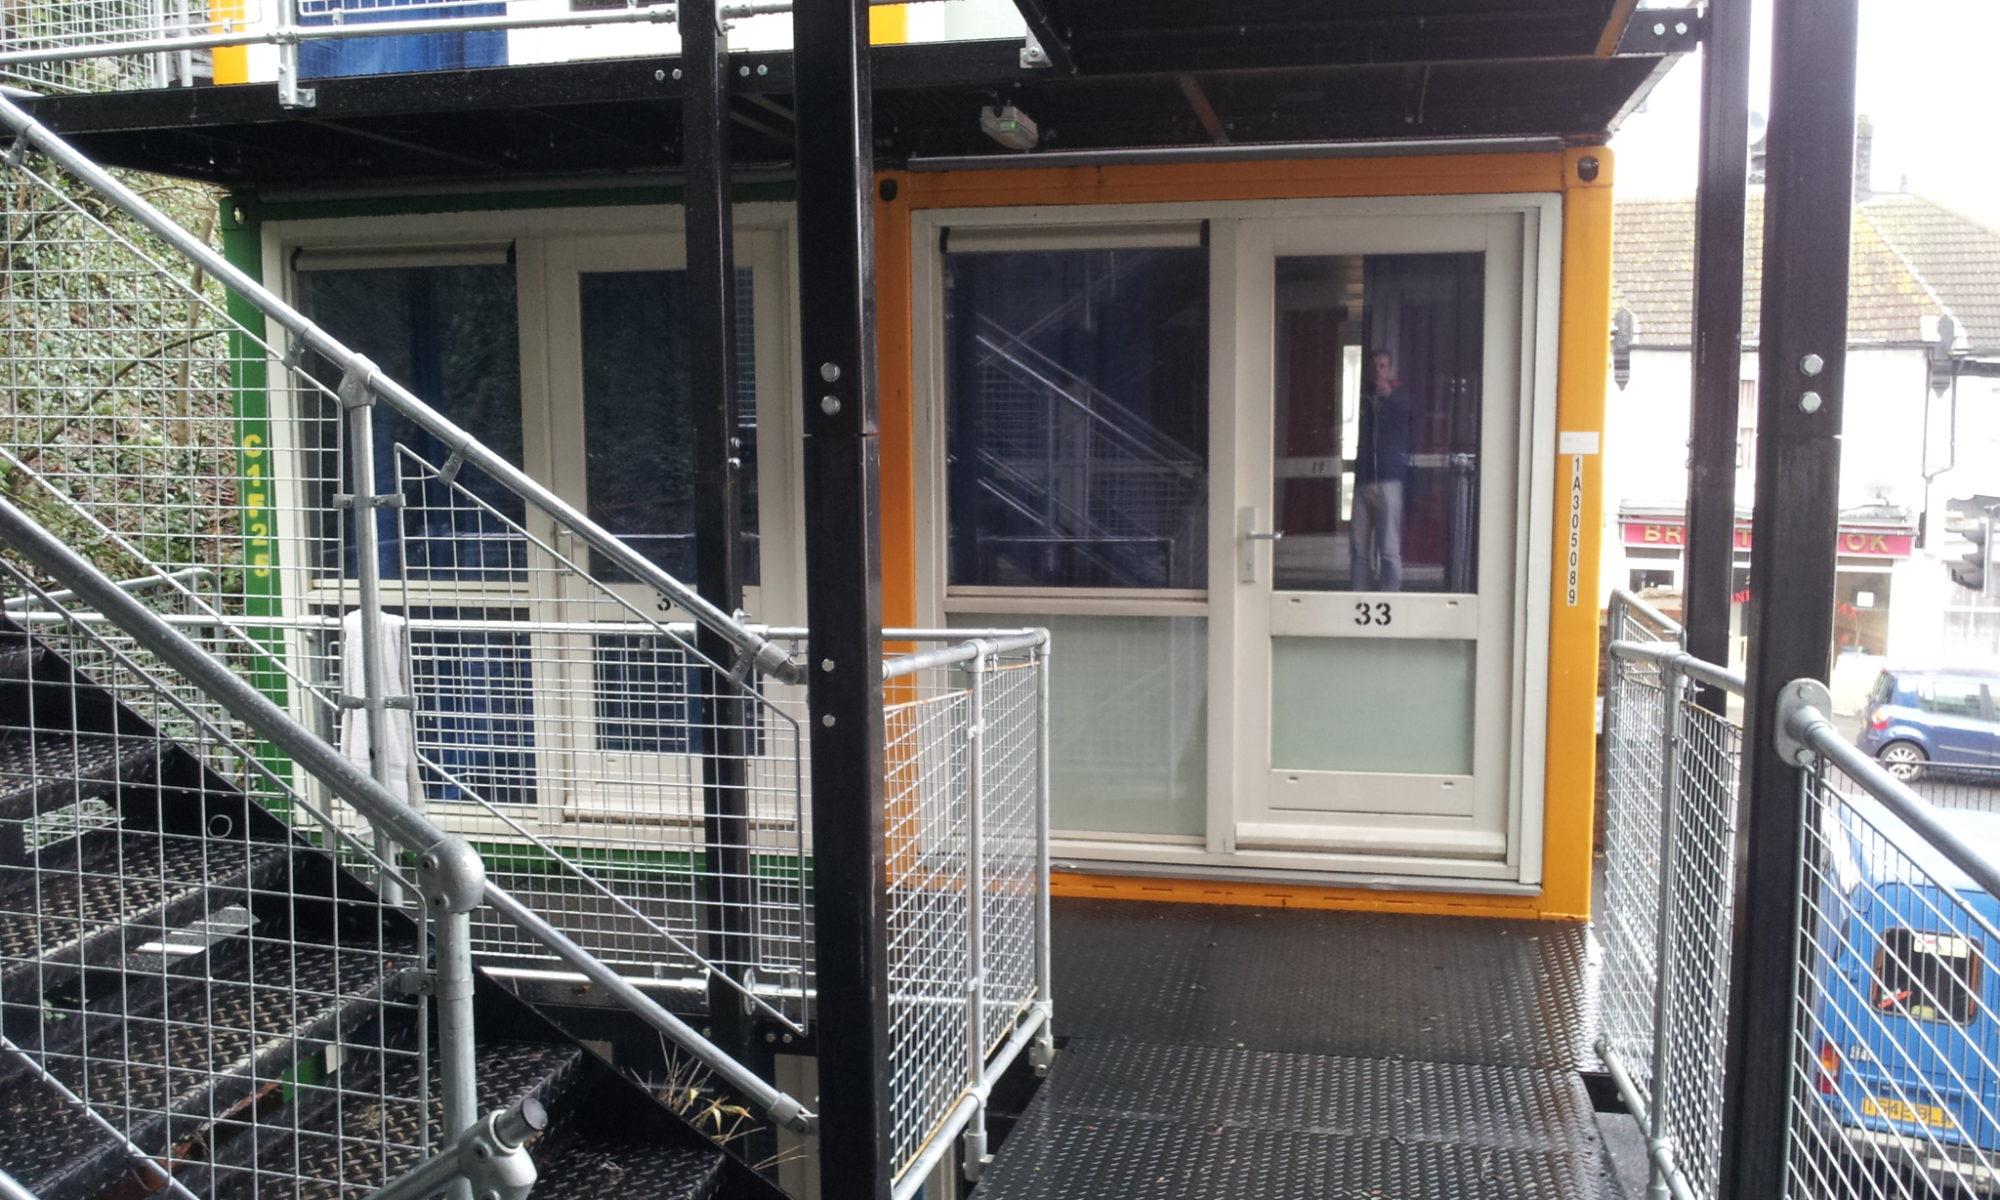 homeless shelter Brighton